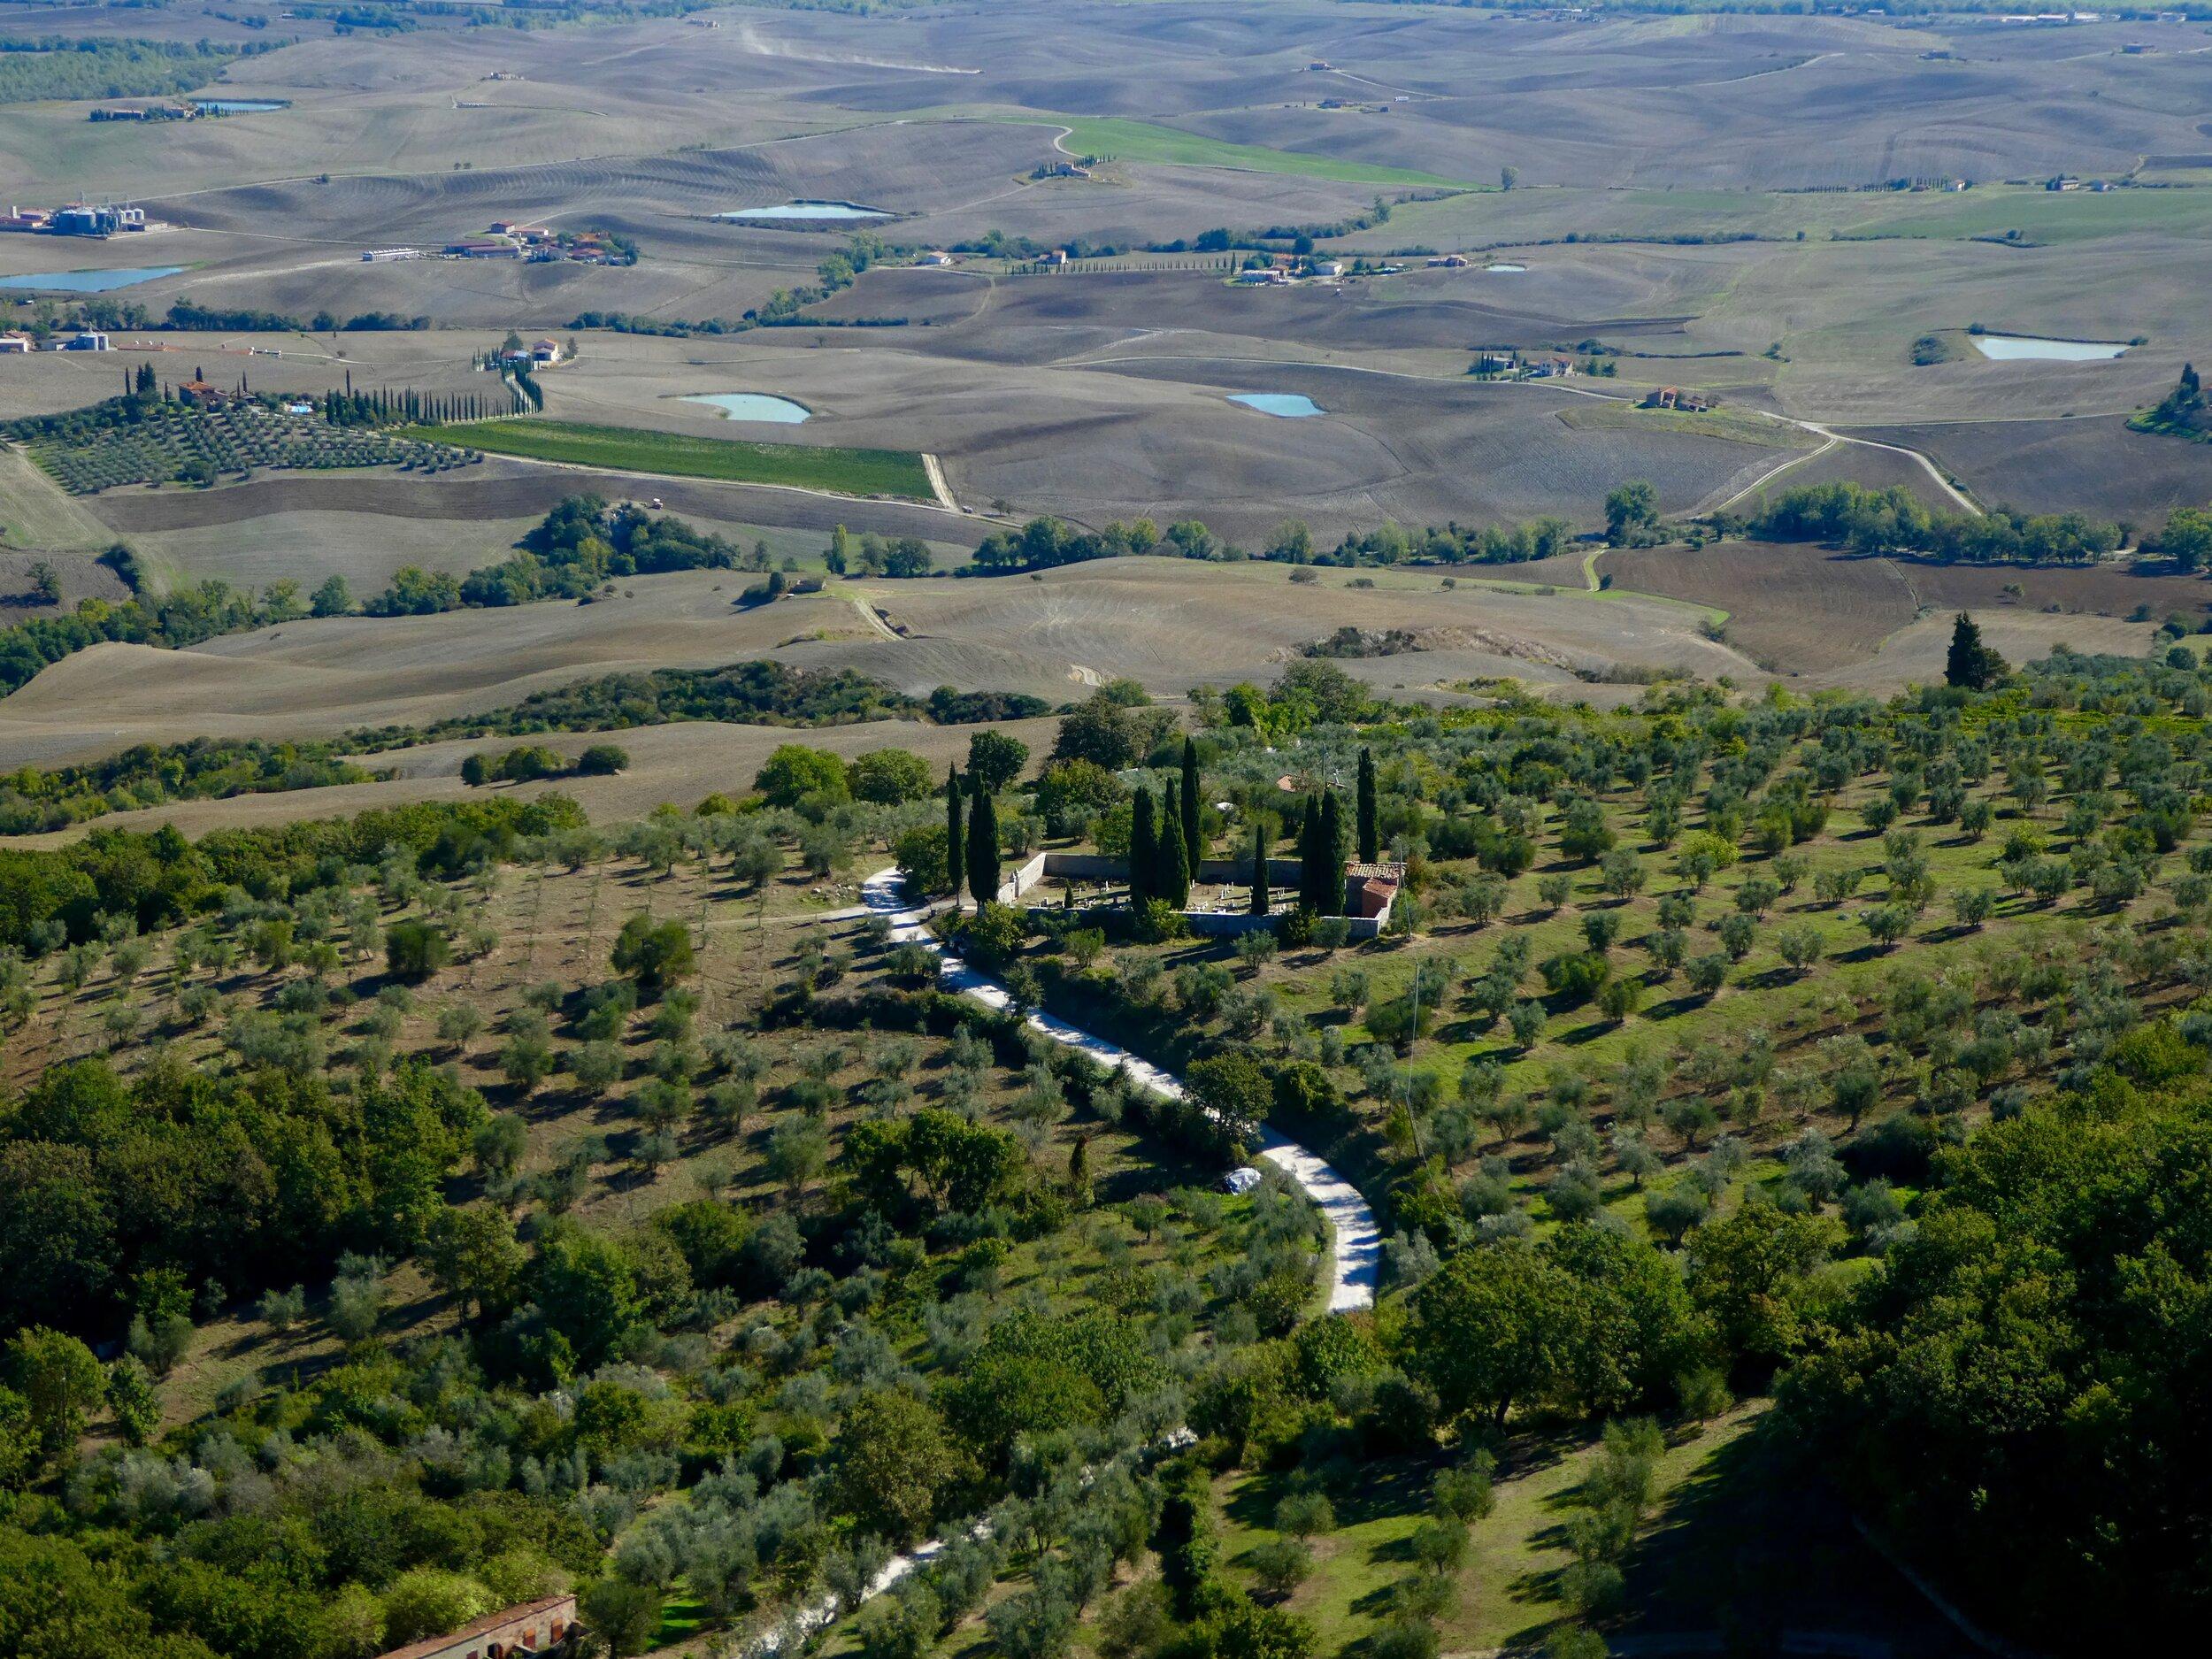 landscape-val-orcia-tuscany.jpeg